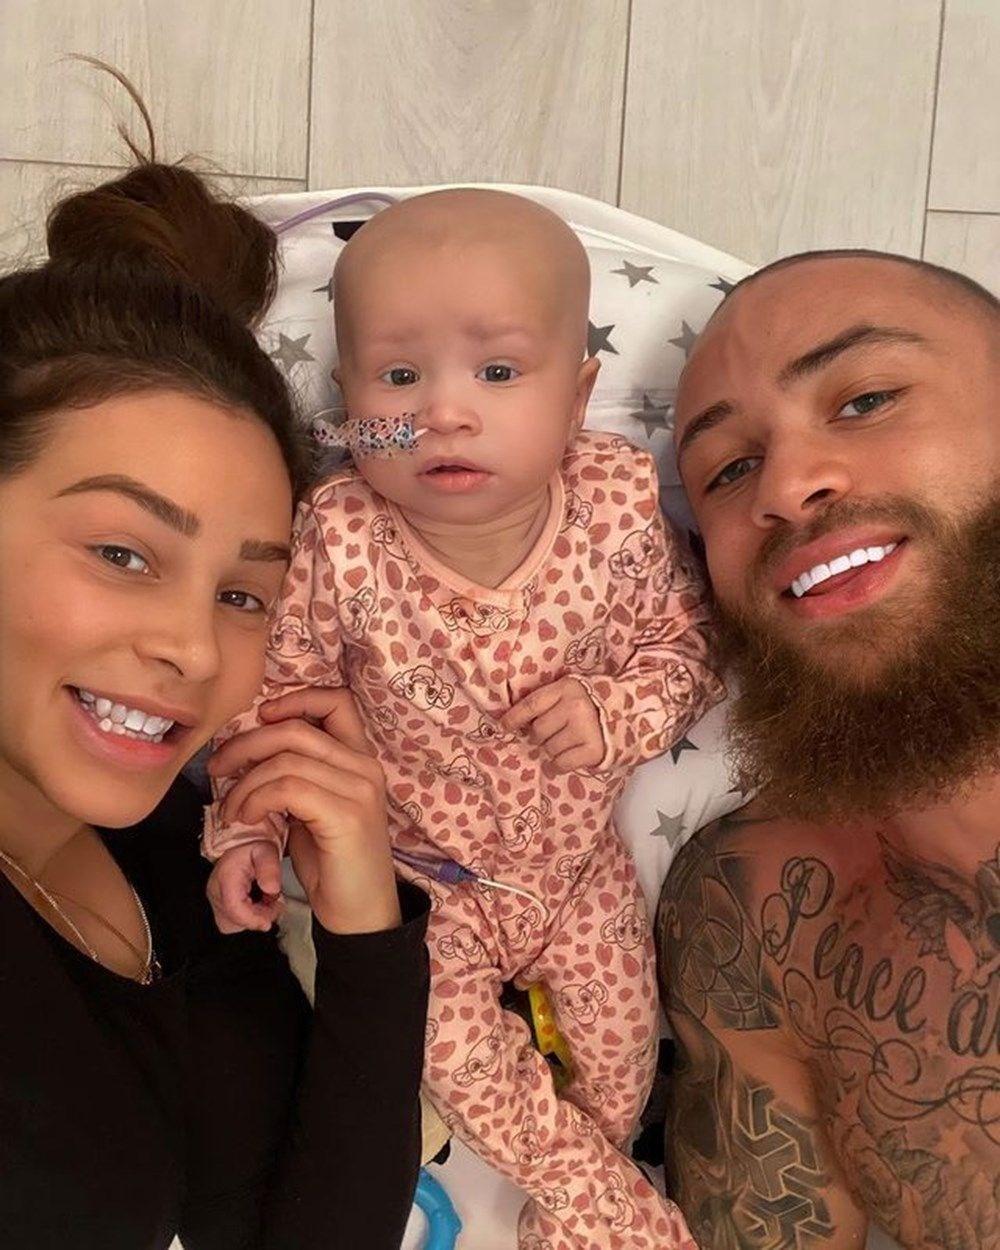 Ashley Caine ve Safiyya Vorajee bebeklerinin son durumunu anlattı: Bu sabah uyanması bir nimettir